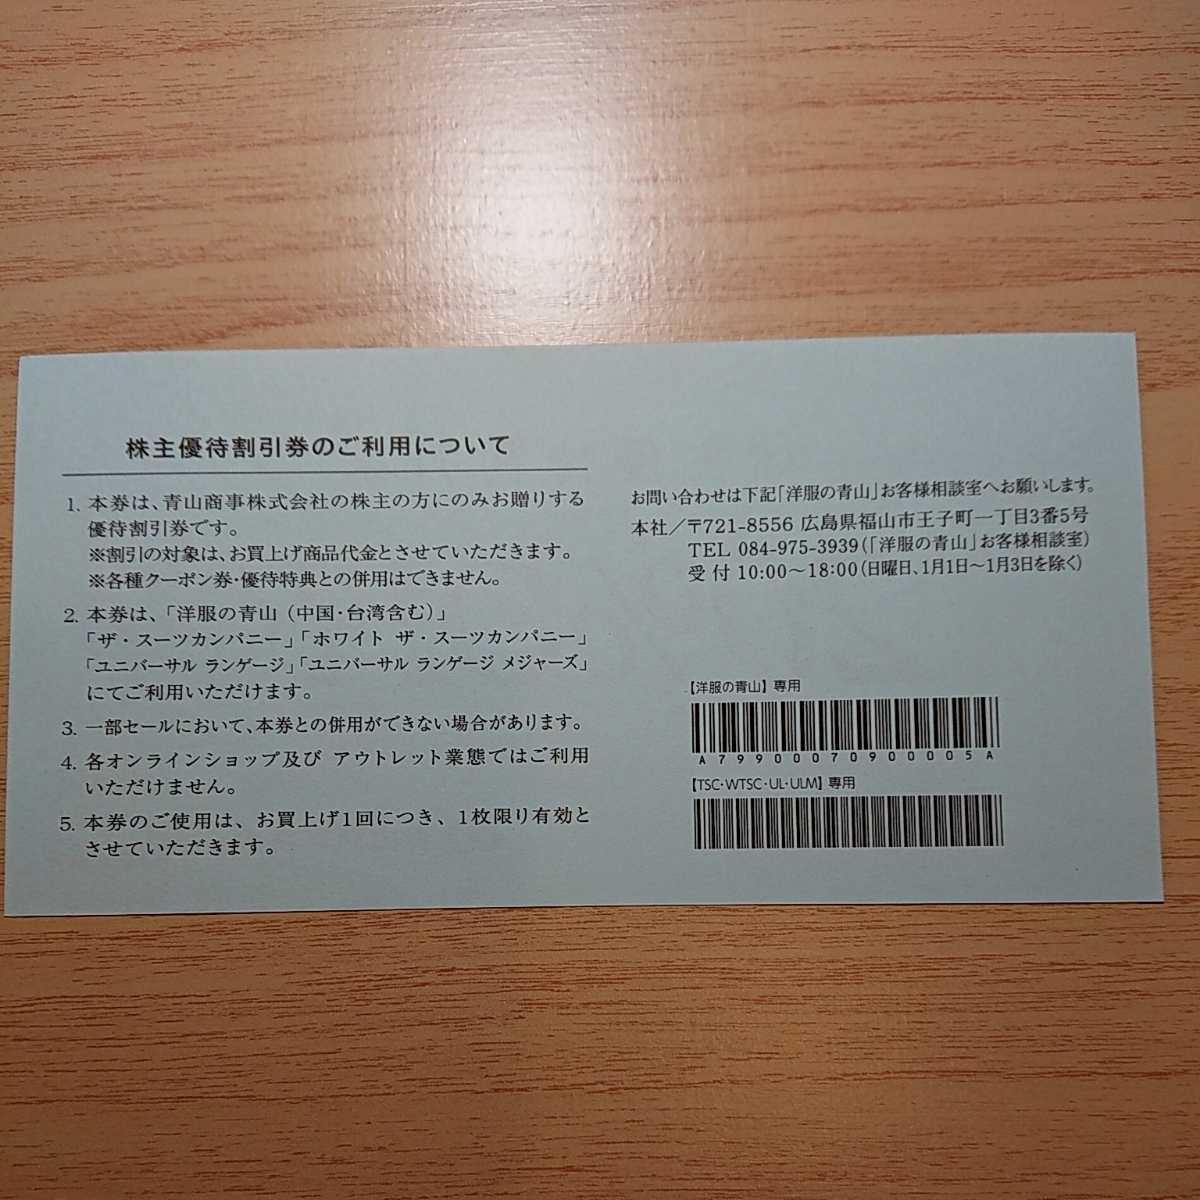 ★★ 【送料無料】青山商事 20%OFF 株主優待割引券 2021.6.30迄 ★★_画像2